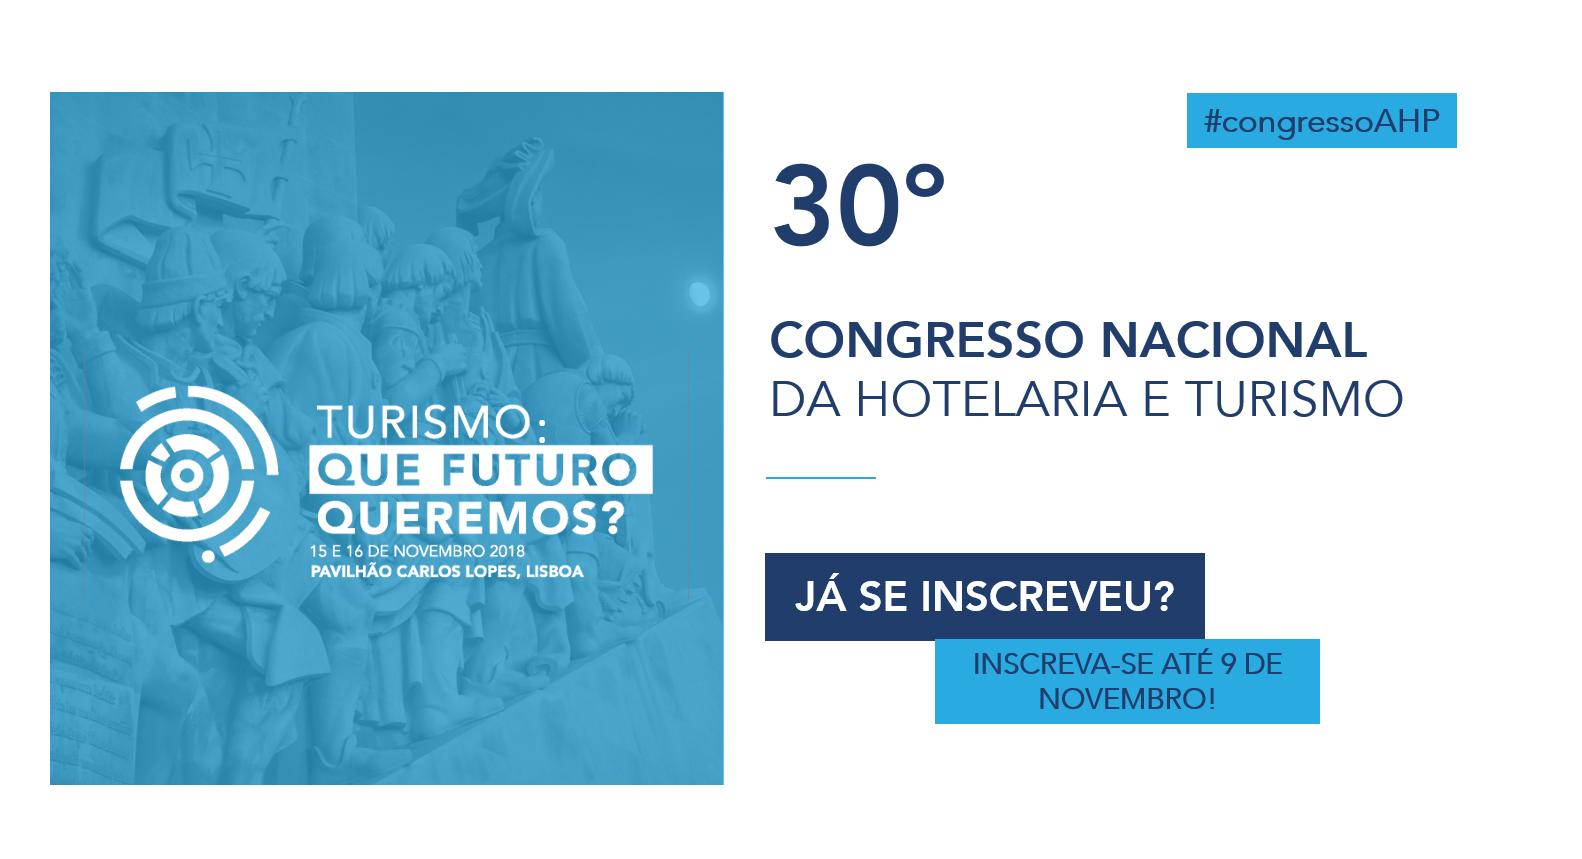 (c) Congressoahp.pt